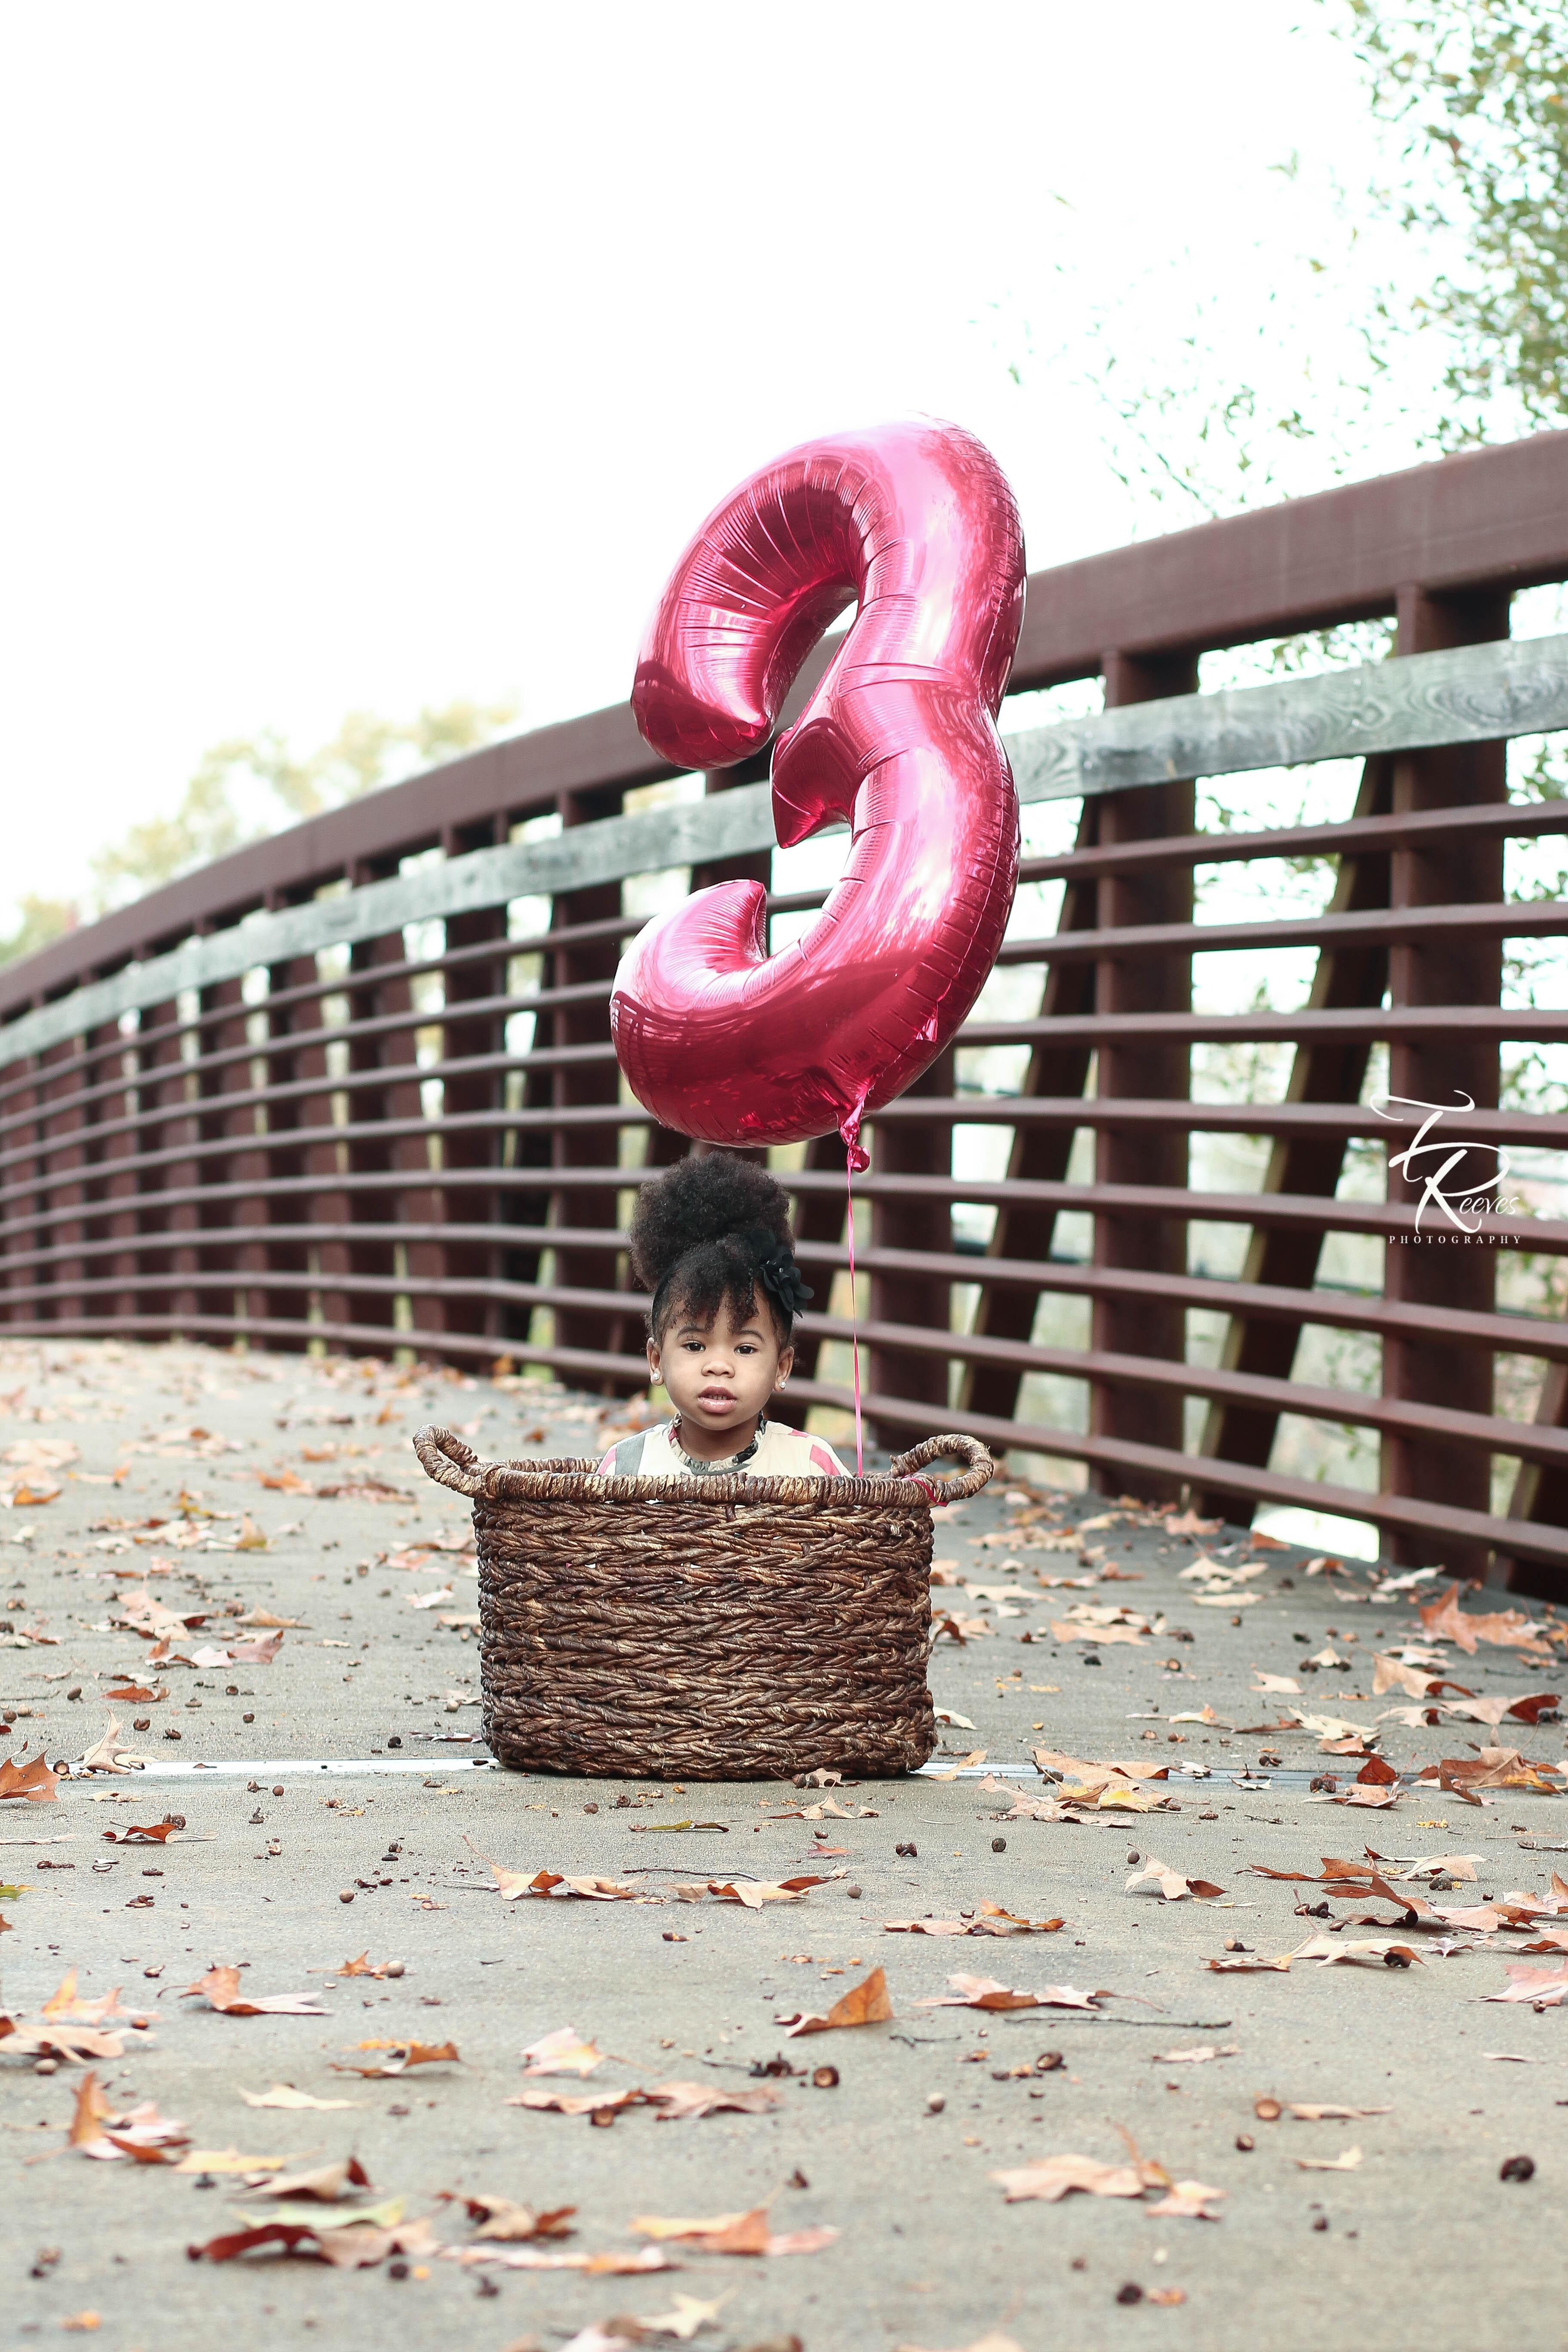 Baby Milestone + Images